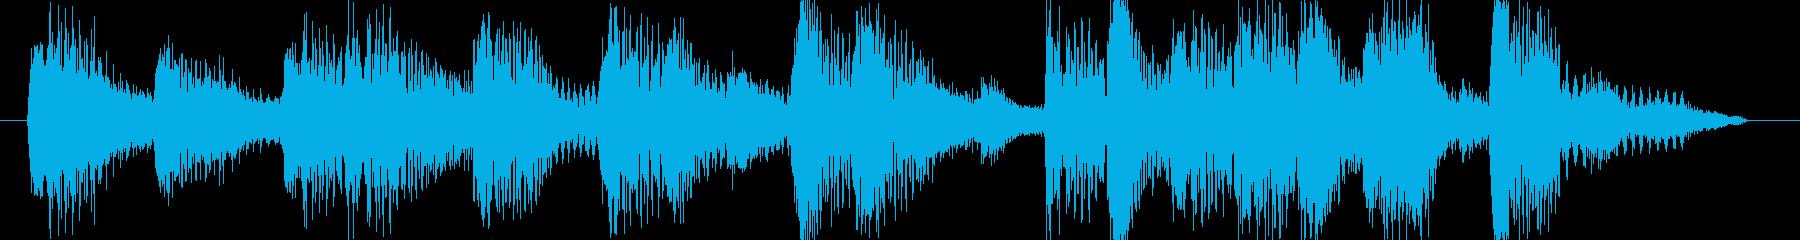 5秒ジングル音源テクノ系明るい曲調の再生済みの波形